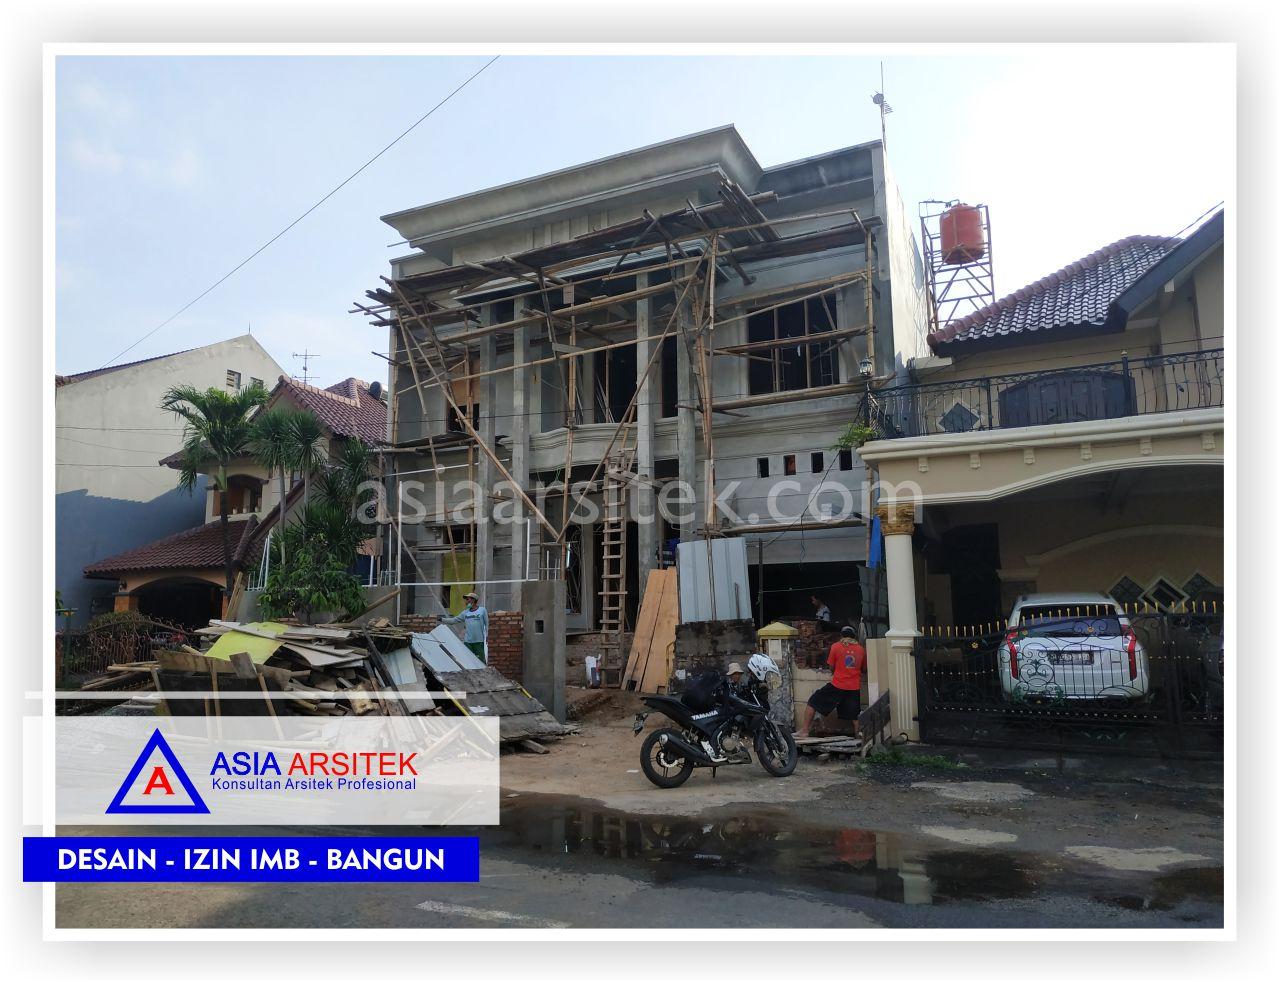 Tampak Depan Rumah Klasik Mewah Bu Maudy - Arsitek Desain Rumah Minimalis Modern Di Jakarta-Tangerang-Bogor-Bekasi-Bandung-Jasa Konsultan Desain Arsitek Profesional 4